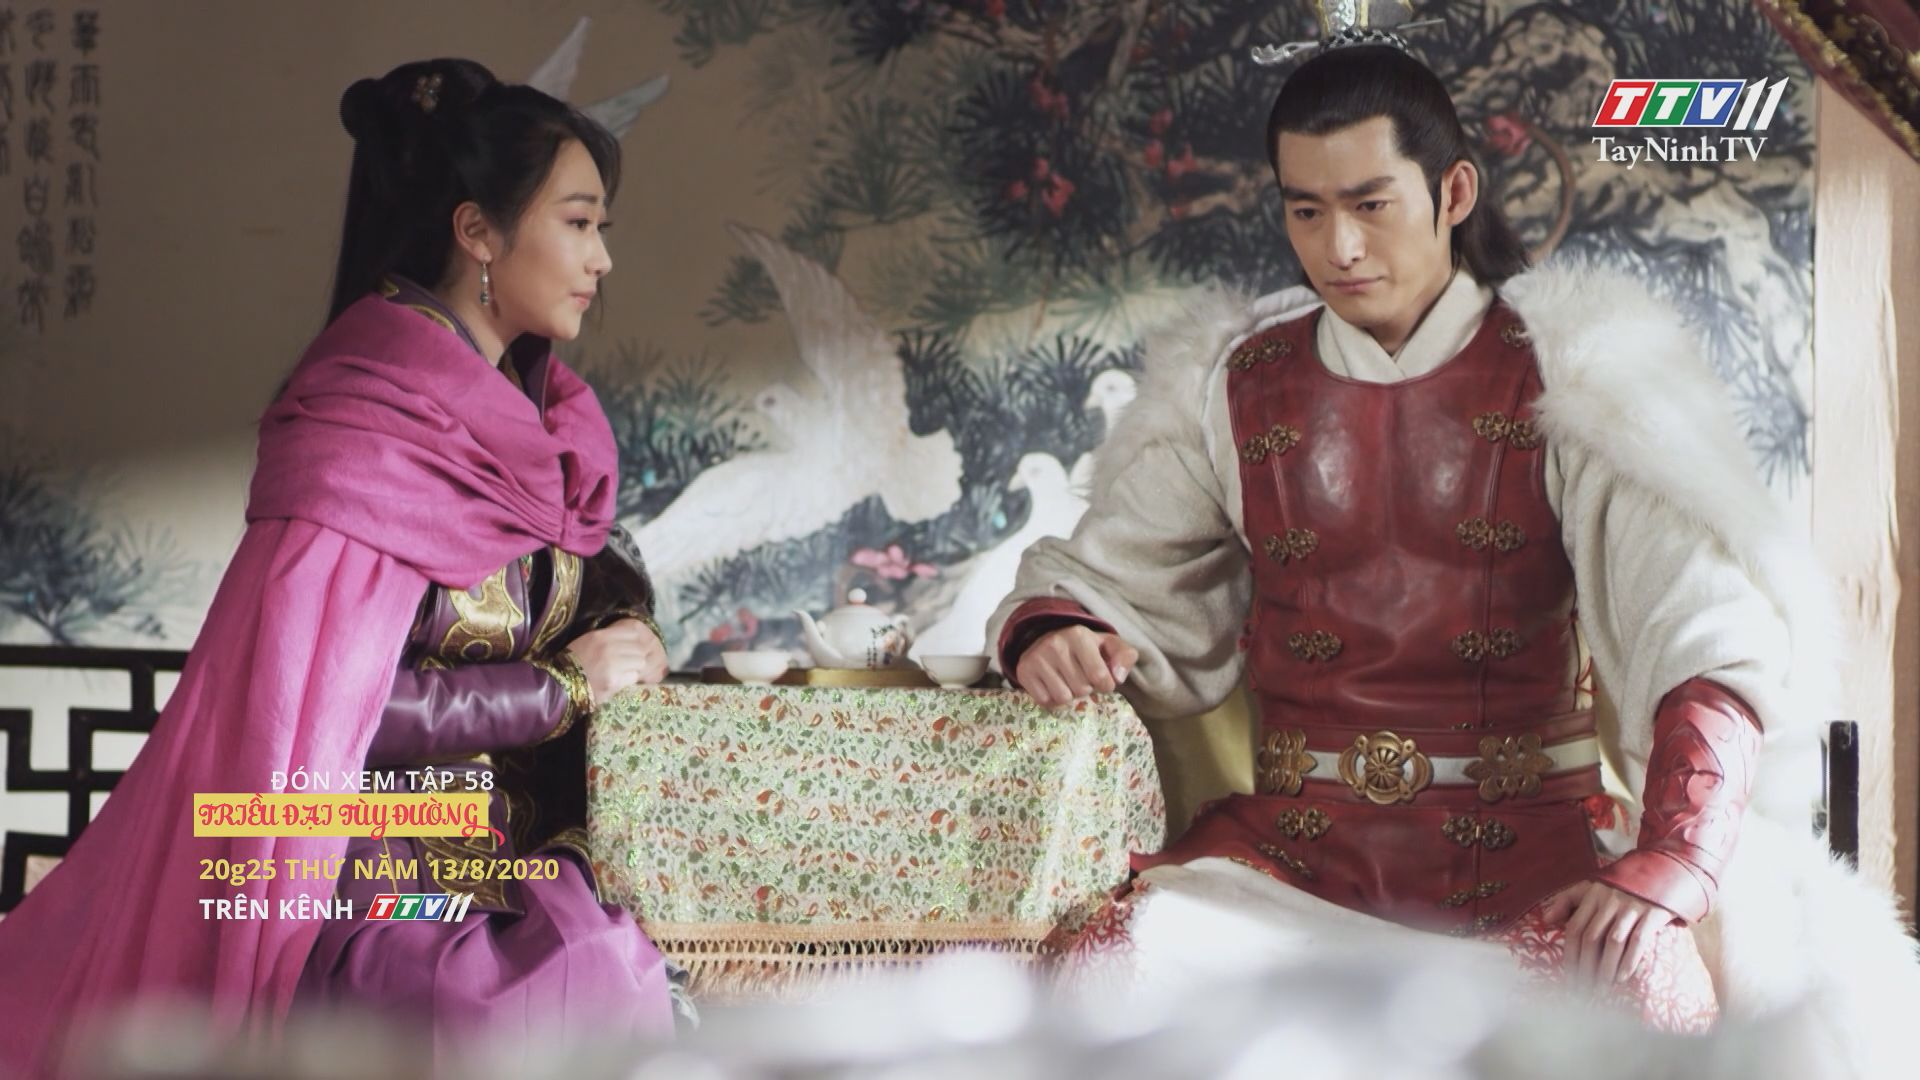 Triều đại Tùy Đường - TẬP 58 trailer   TRIỀU ĐẠI TÙY ĐƯỜNG   TayNinhTV